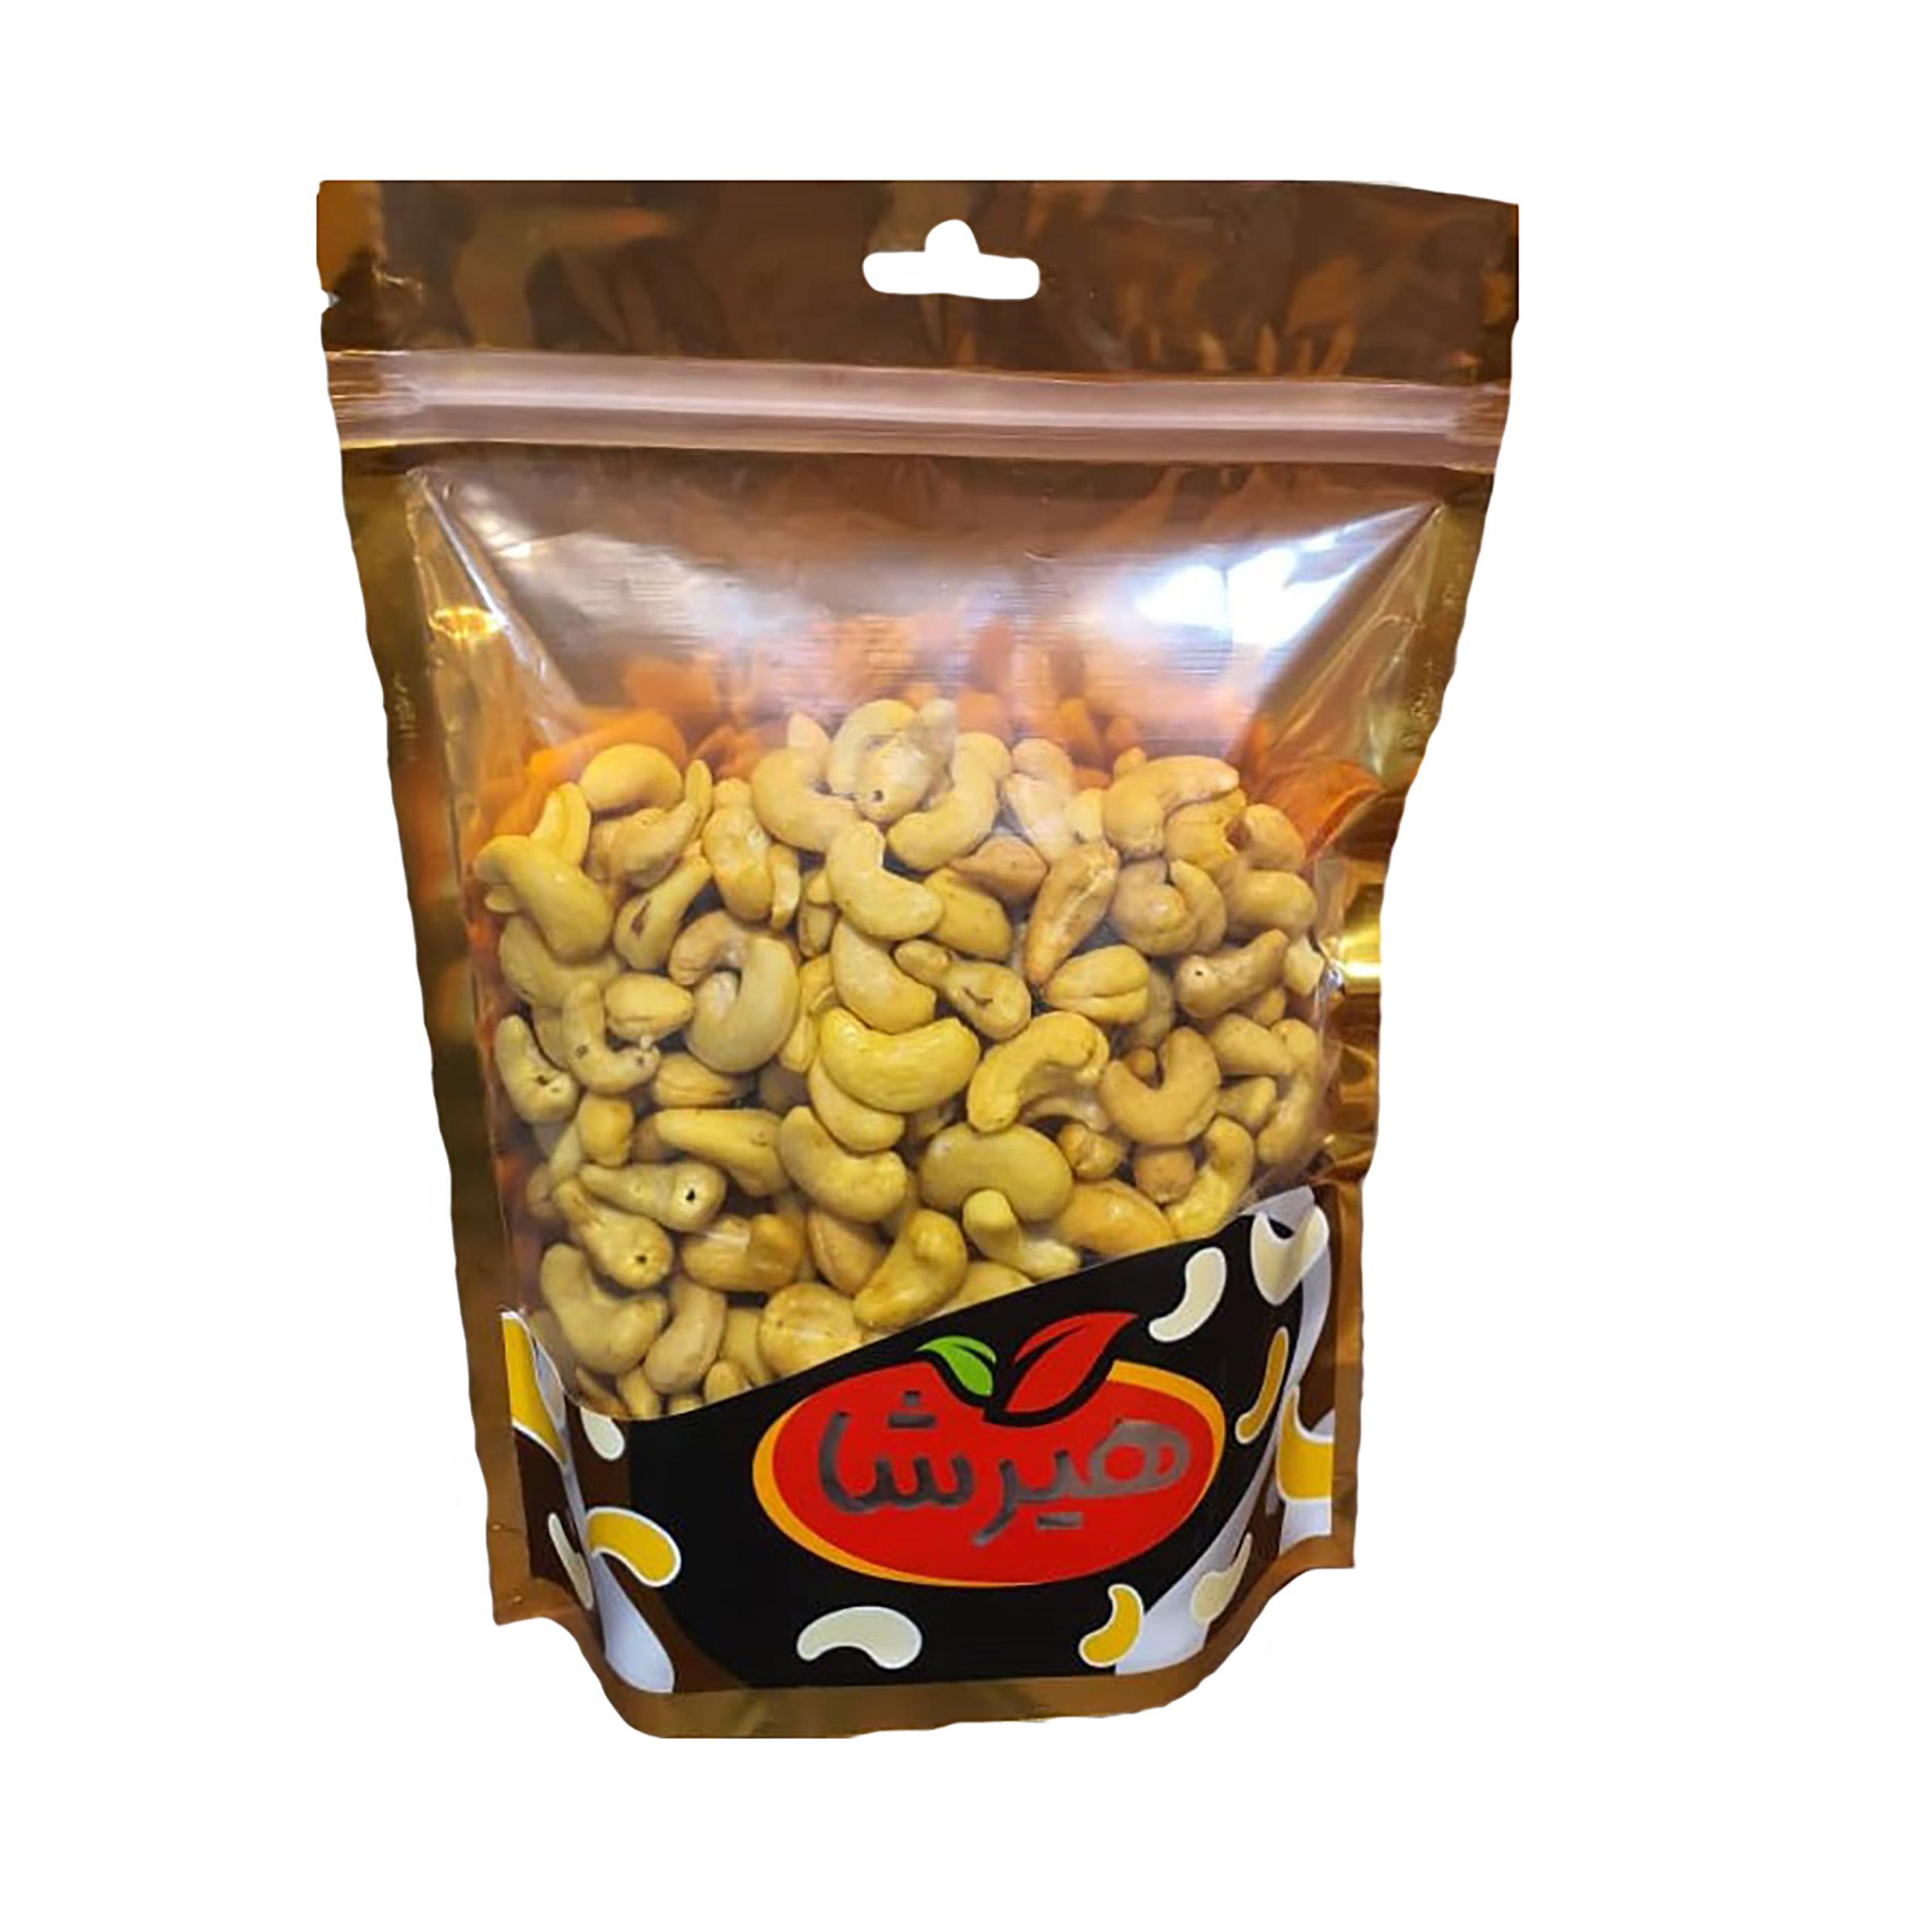 بادام هندی نمکی زعفرانی هیرشا - 400 گرم